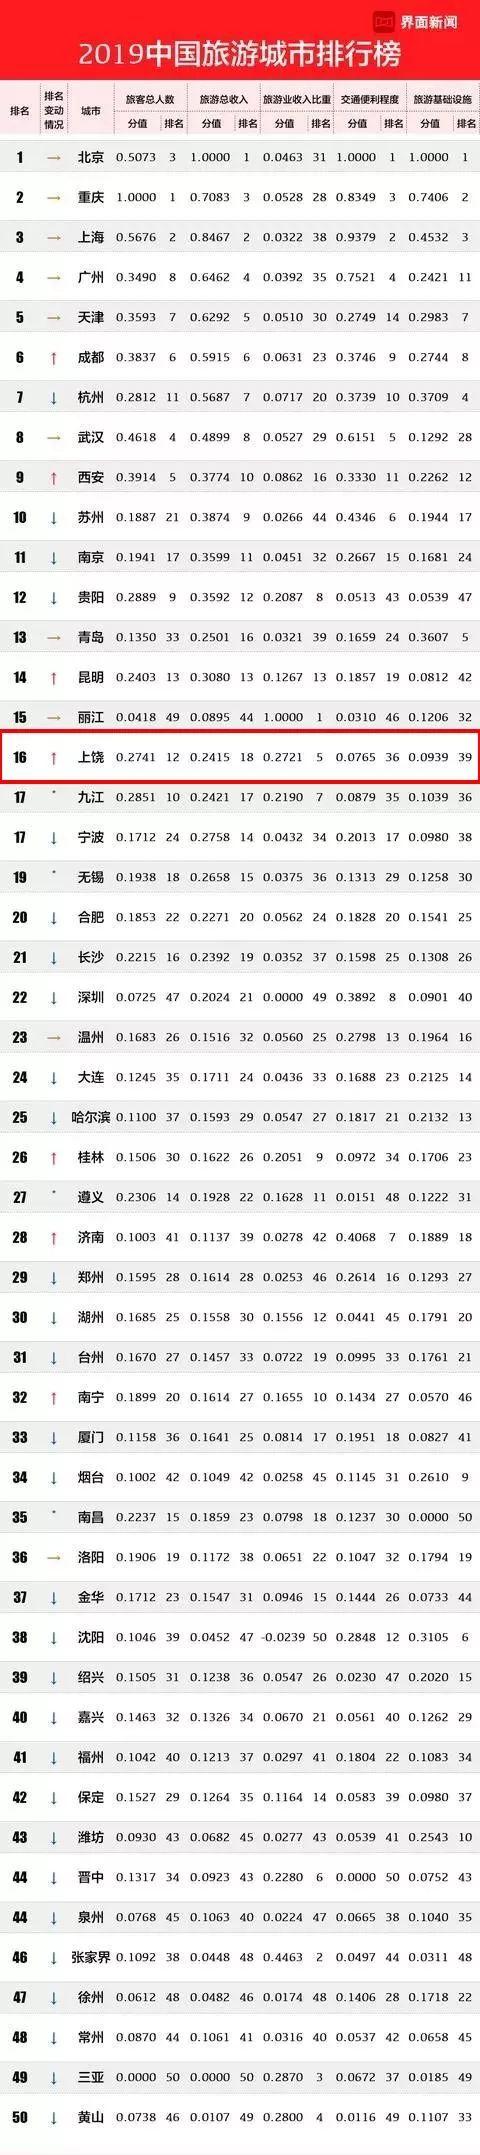 """""""中国旅游城市榜""""上饶排名更进一步"""